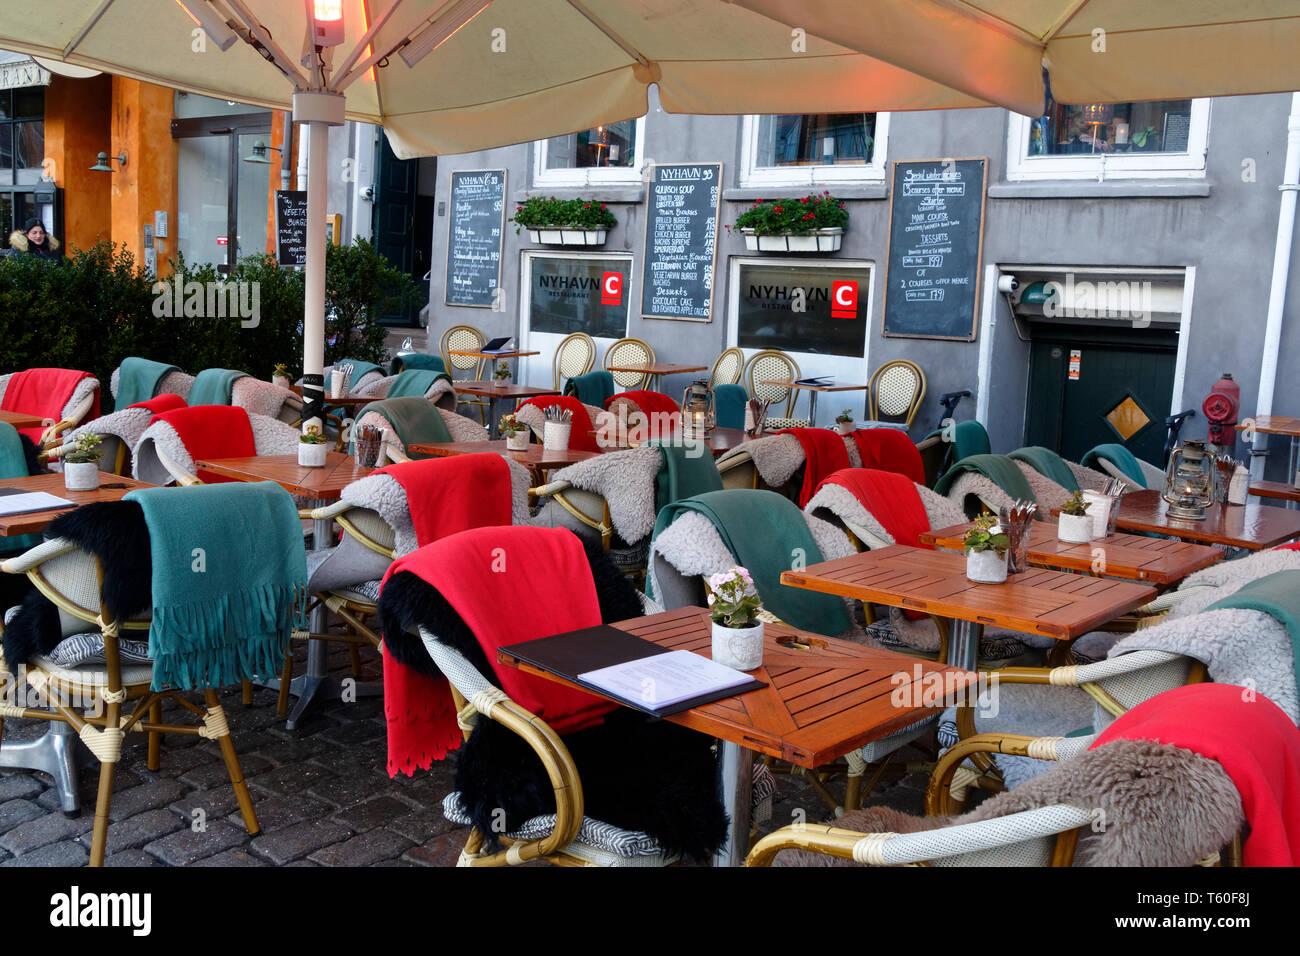 Street Cafe Tisch und Stühlen Einstellung ohne Menschen, Kopenhagen, Dänemark, Europa Stockbild